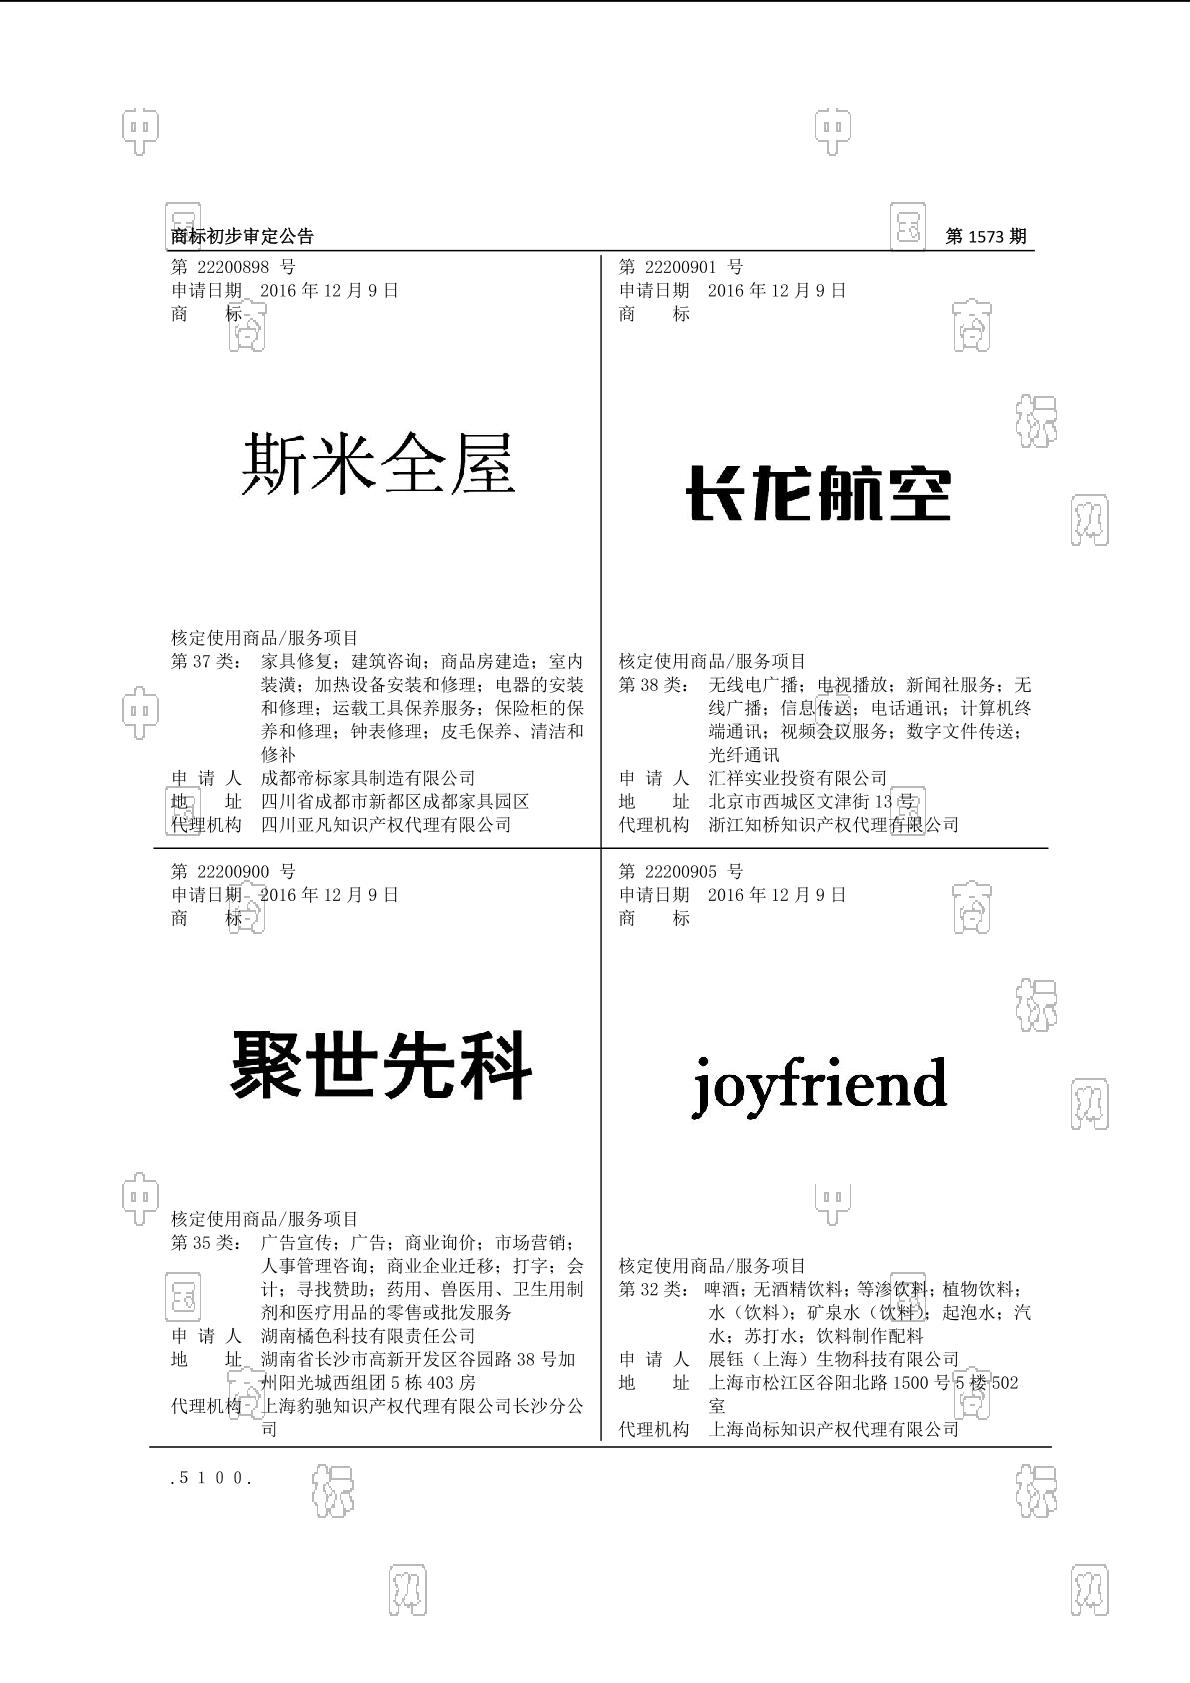 【社标网】JOYFRIEND商标状态注册号信息 展钰(上海)生物科技有限公司商标信息-商标查询